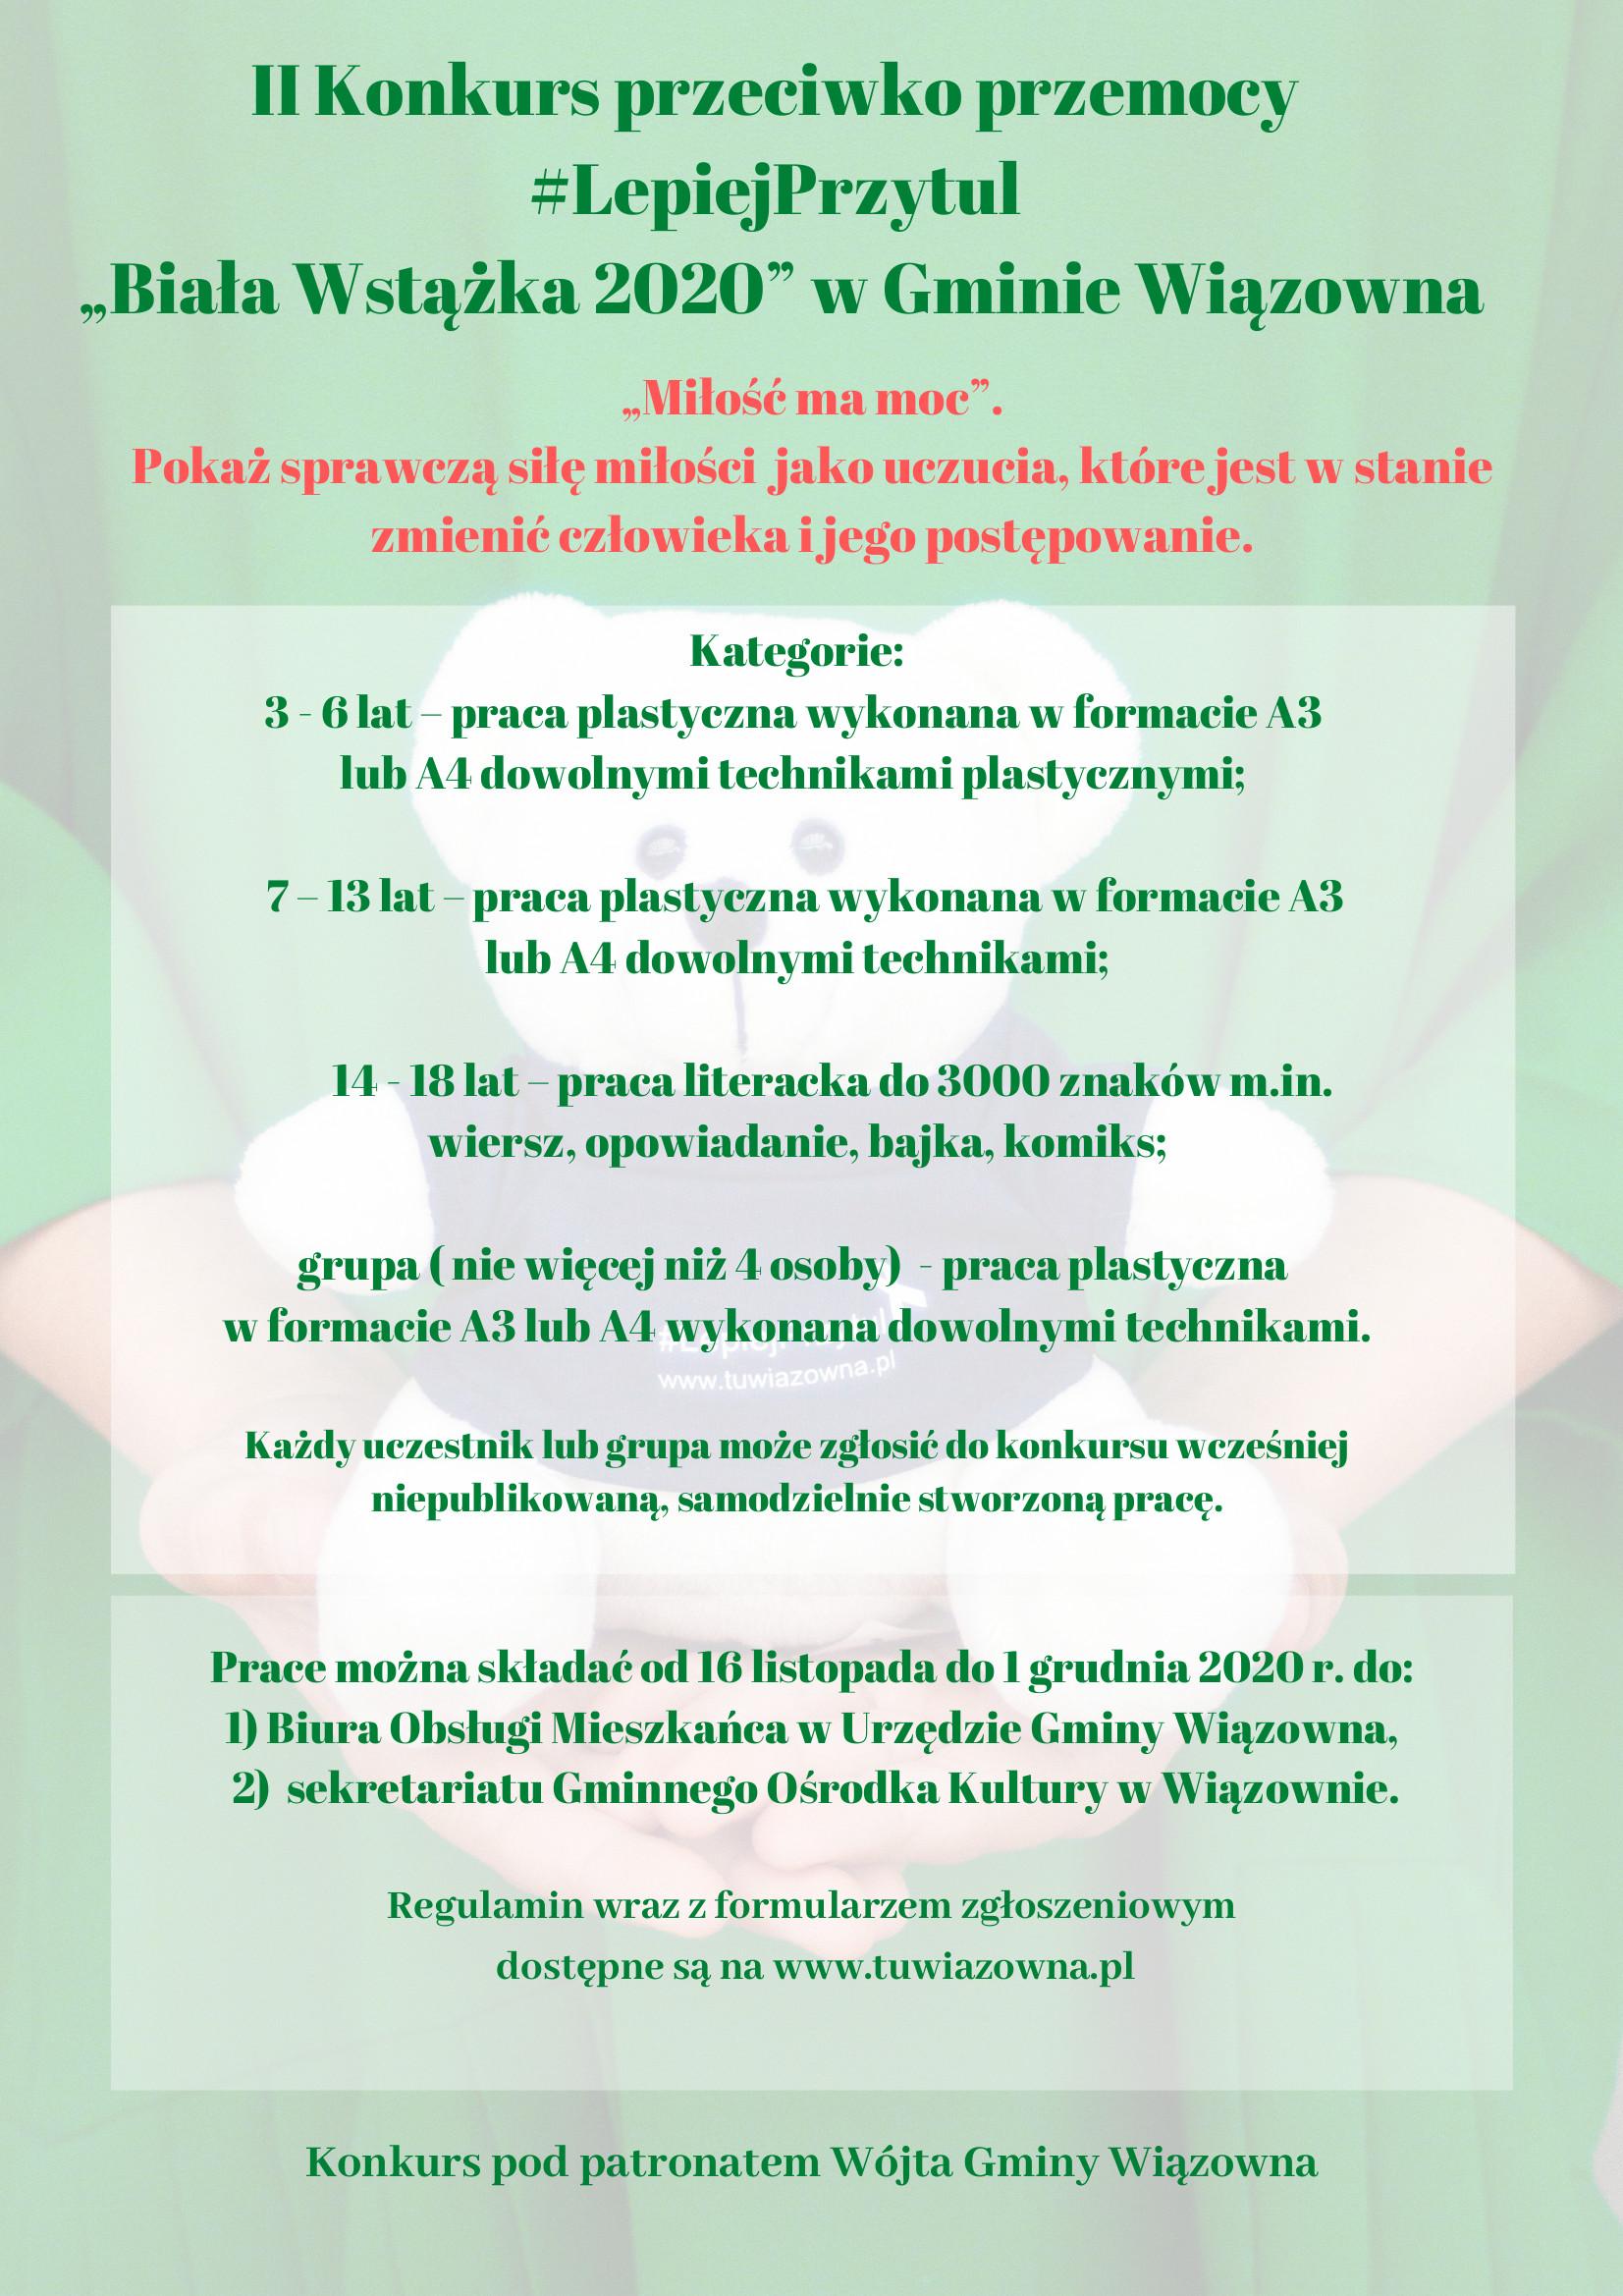 """Plakat z informacją o konkursie plastycznym w ramach kampanii przeciwko przemocy """"Biała wstążka 2020"""""""